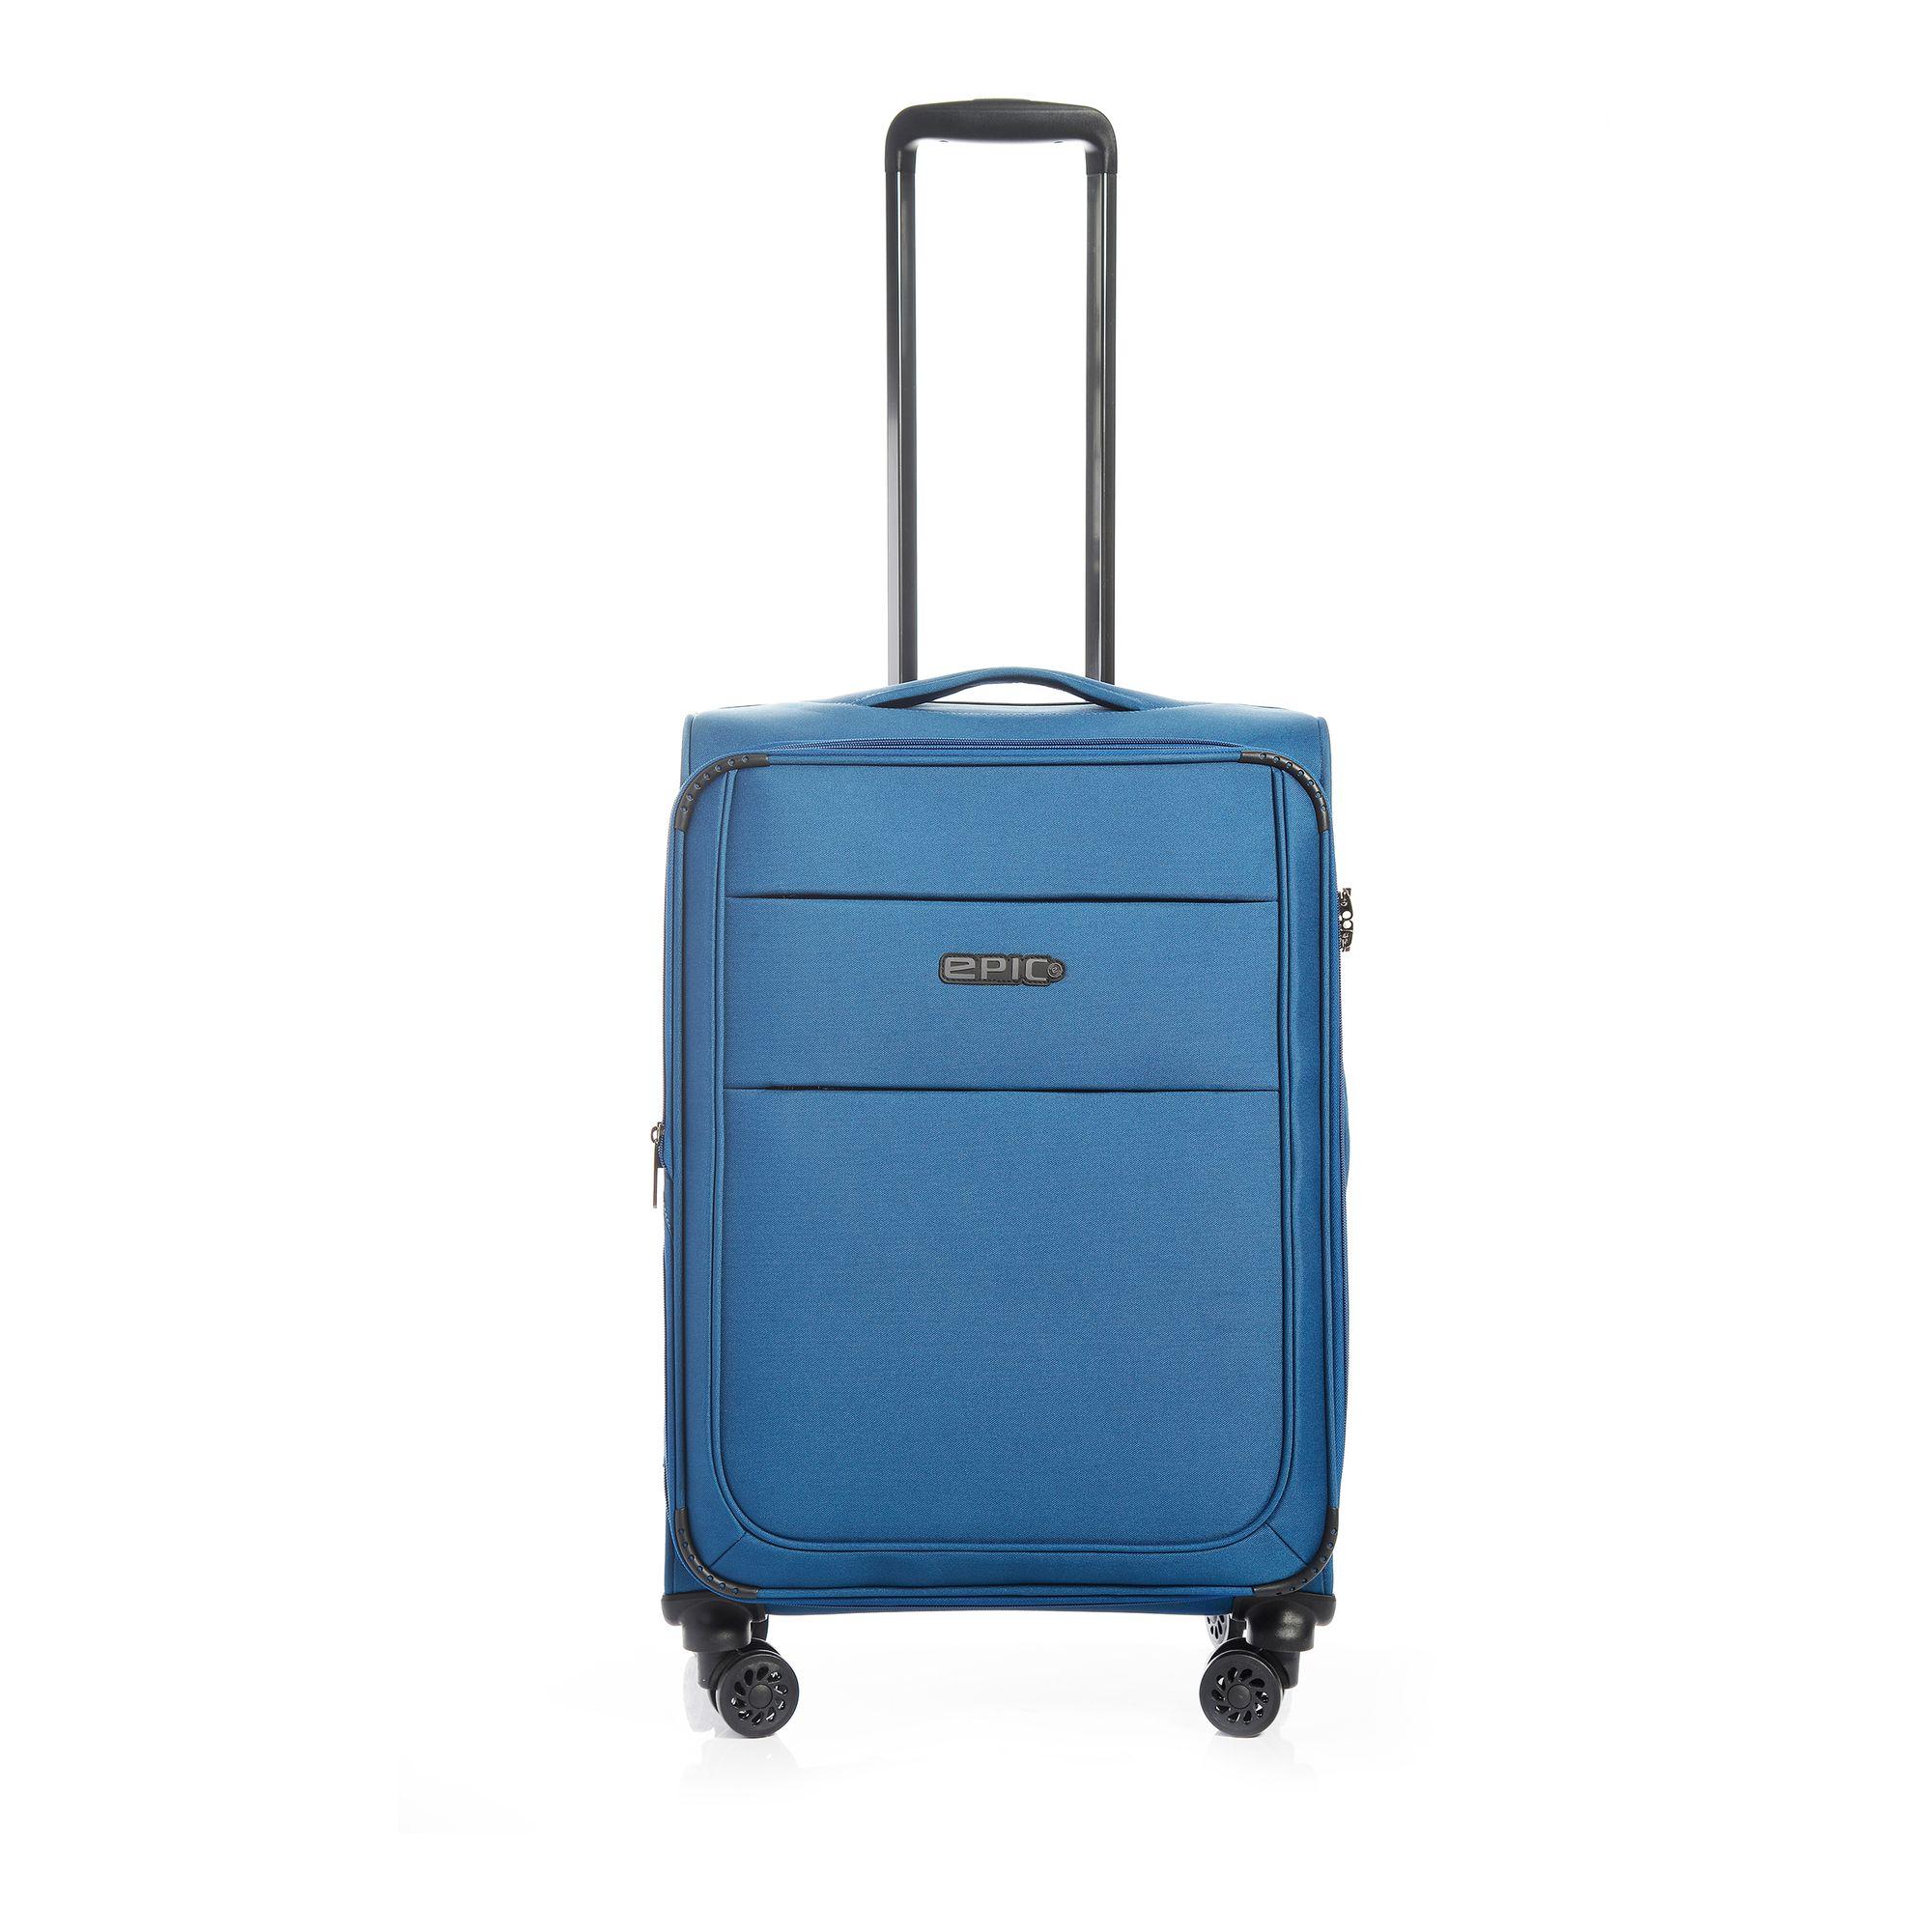 EPIC Discovery Ultra mjuk resväska, 4 hjul, 55/67/77 cm, Blå, 65cm